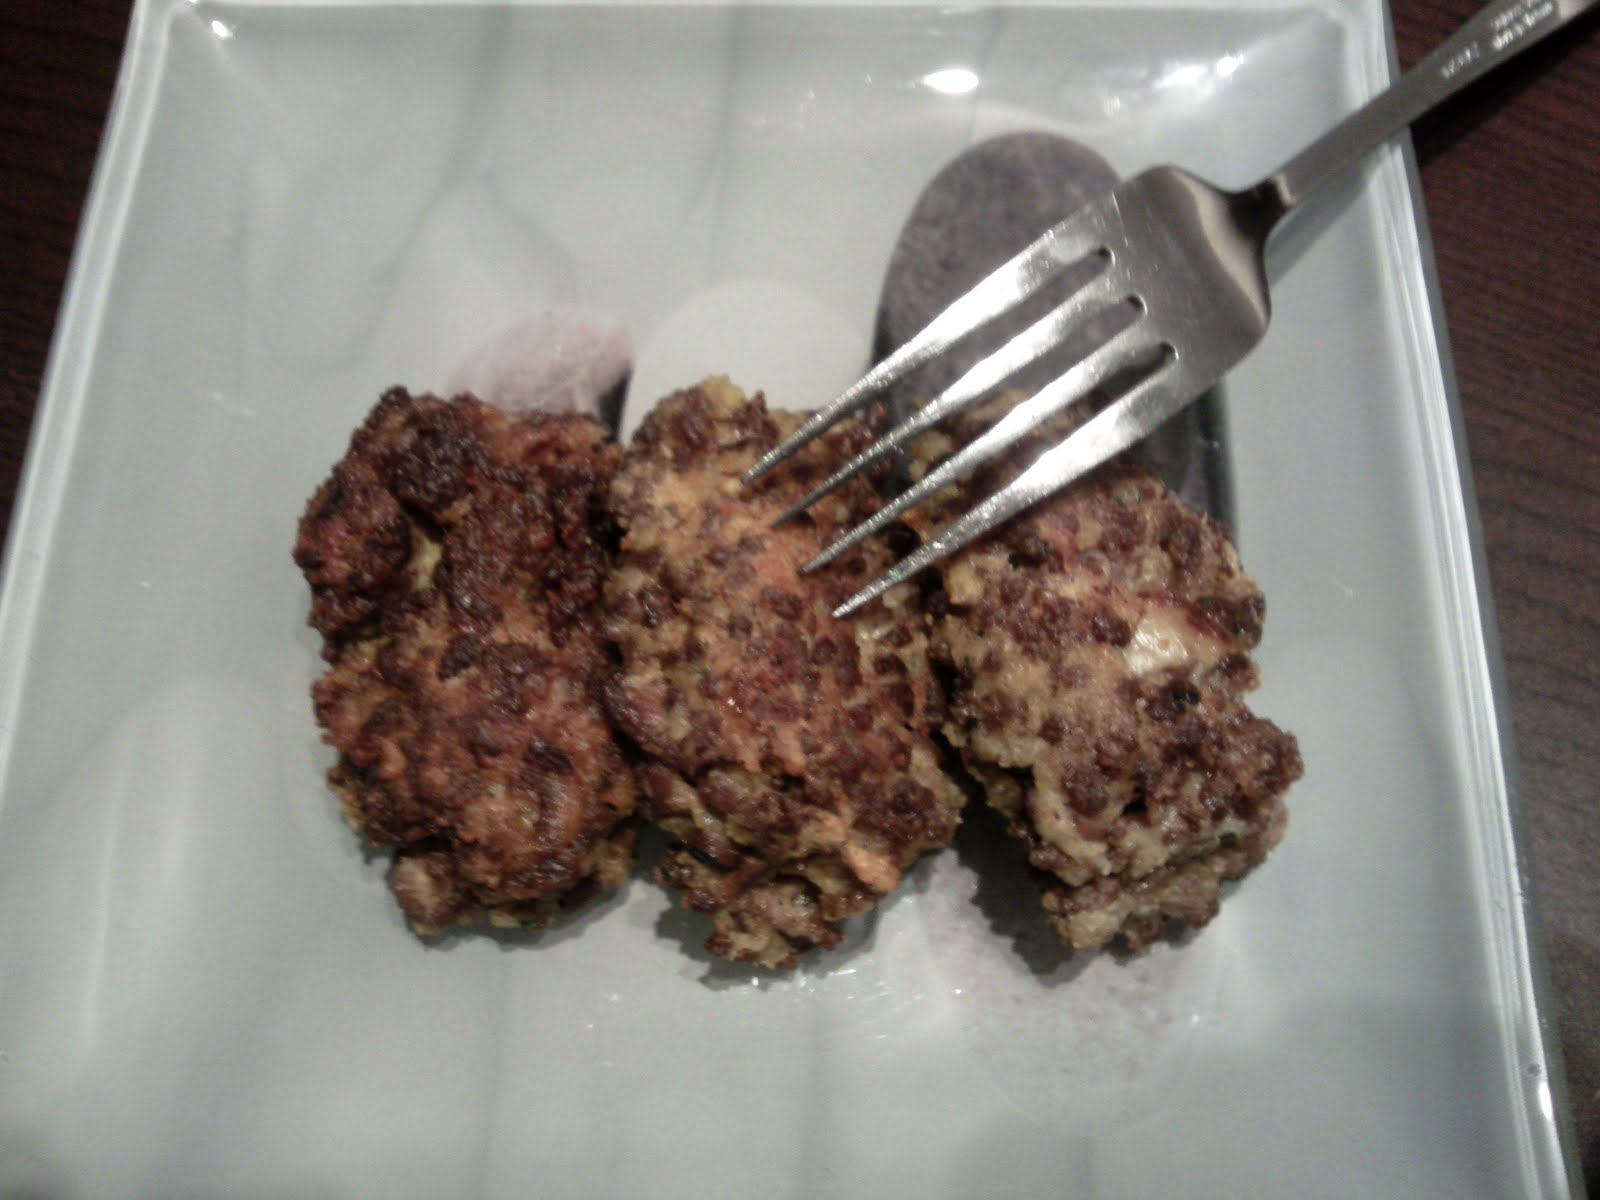 Ma cuisine mes origines boulettes de viande aux boeuf - Boulette de boeuf maison ...